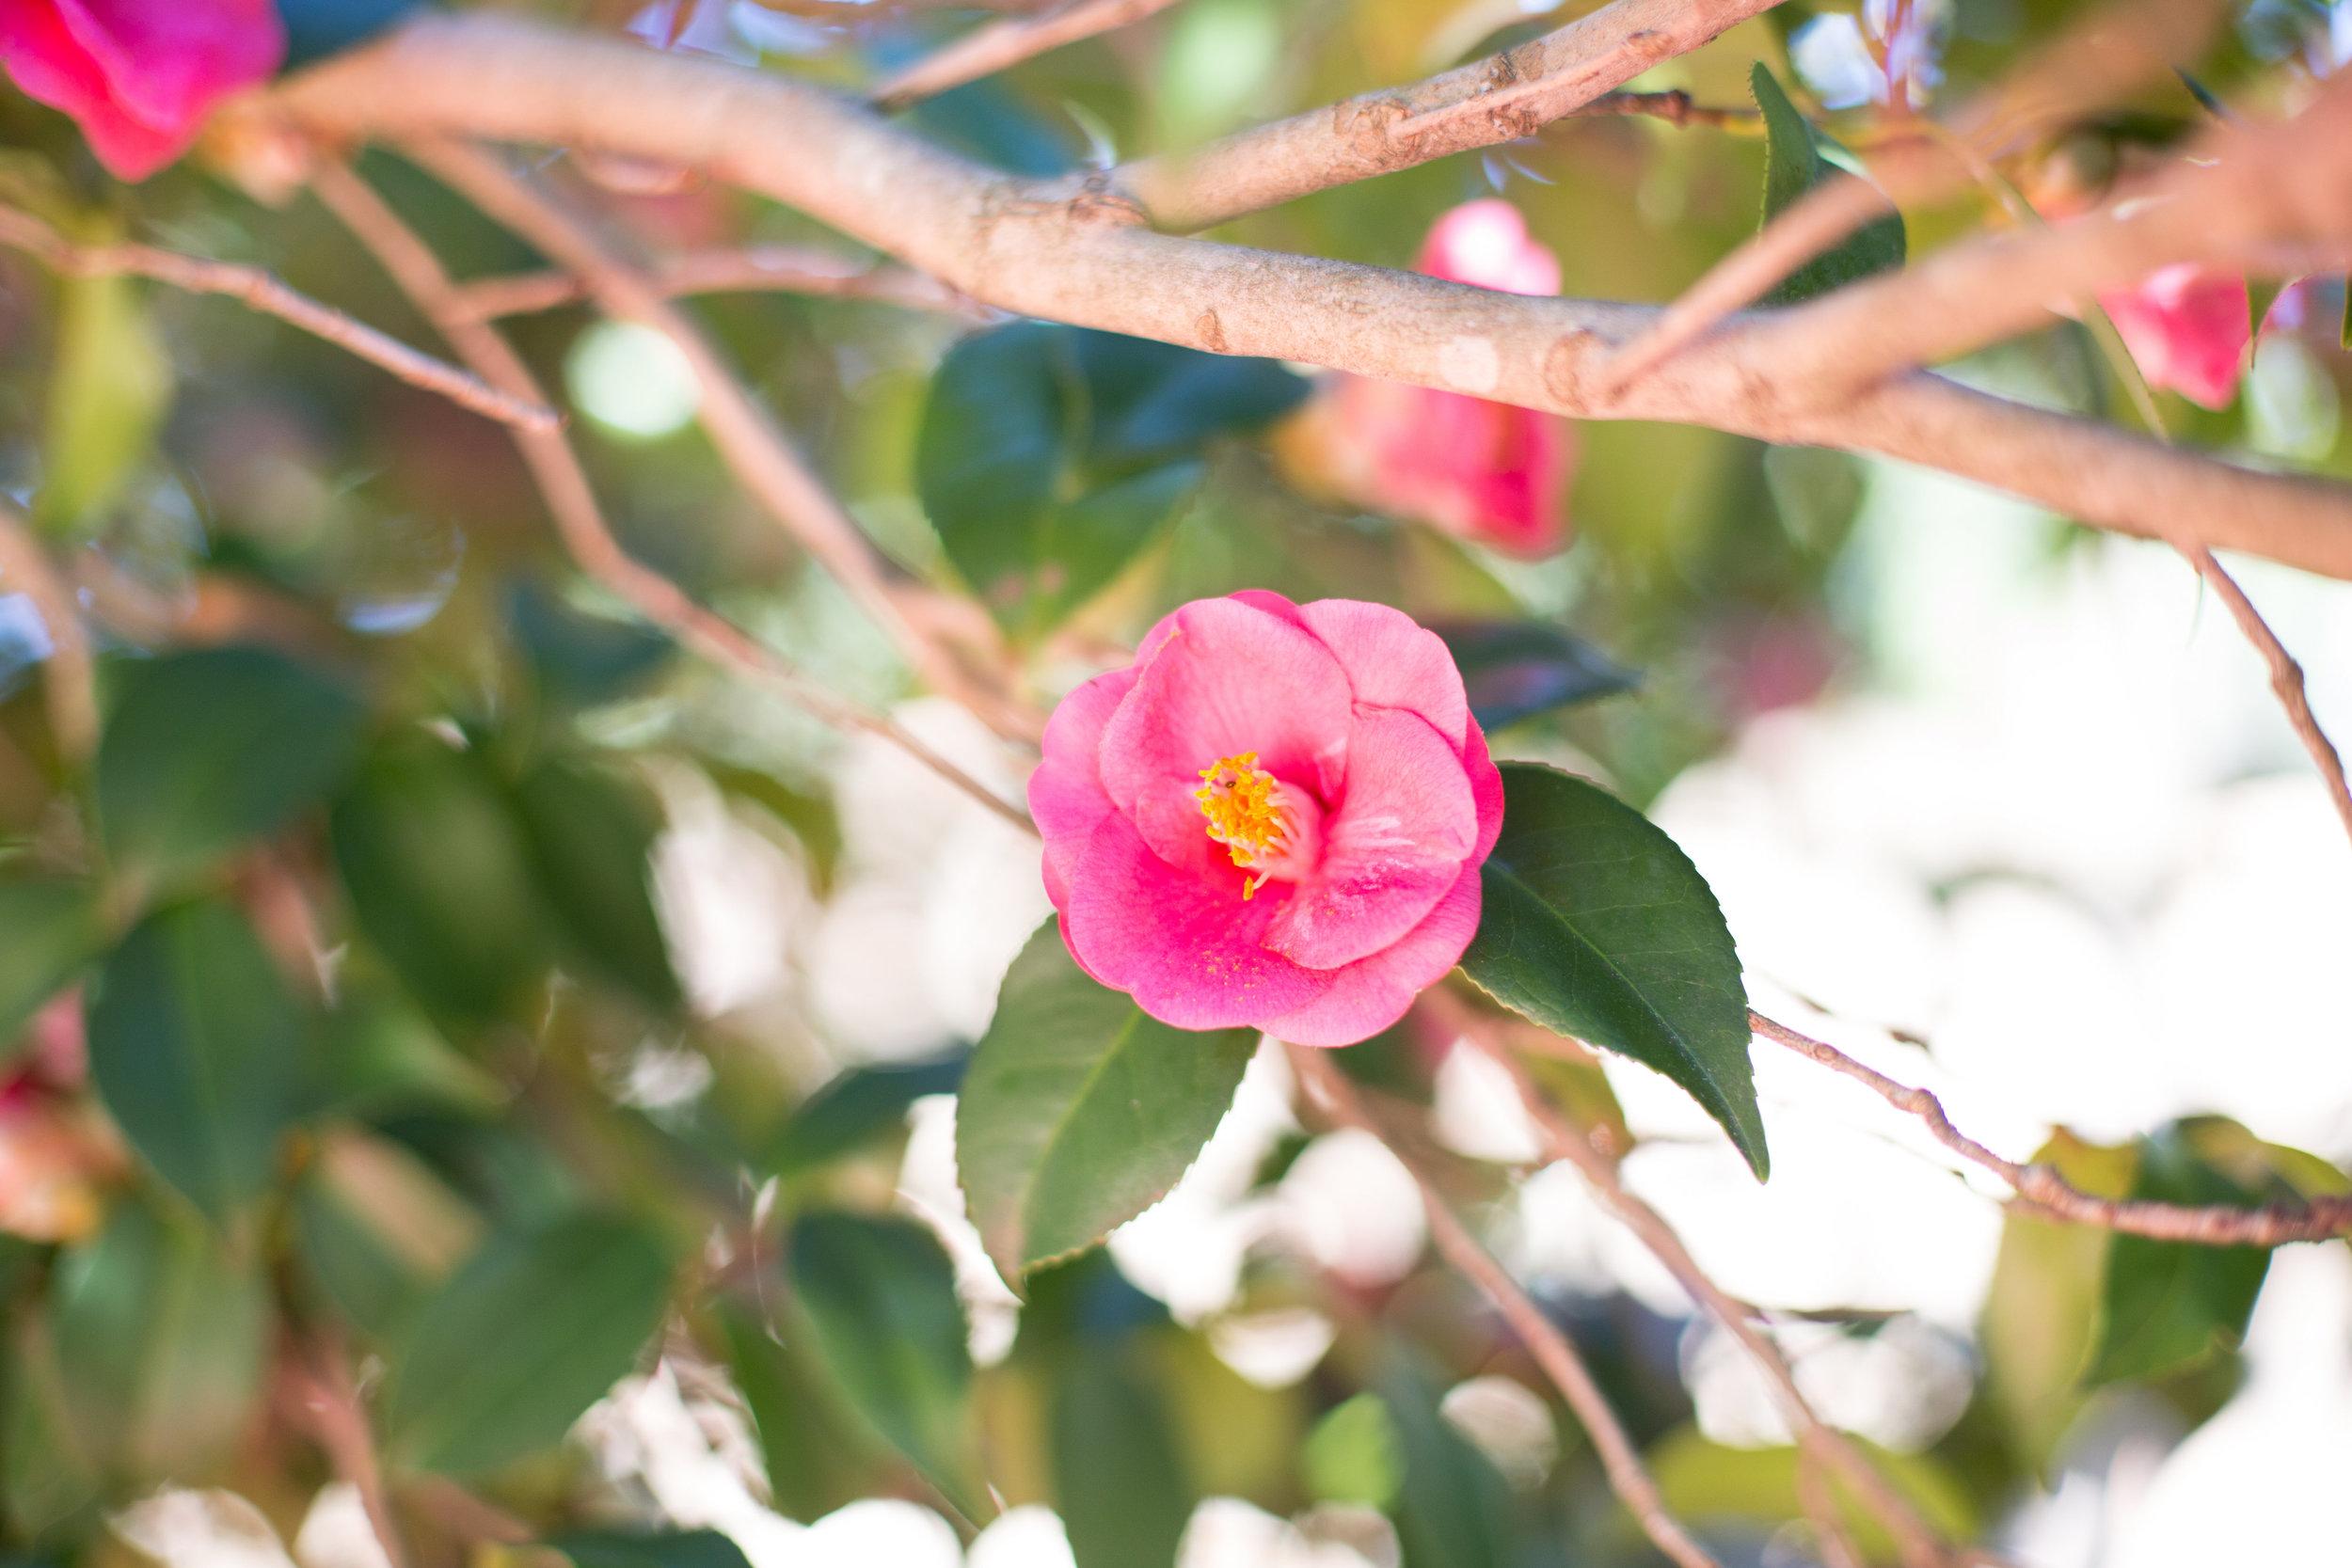 Camellia Photos-Camellia Photos-0012.jpg